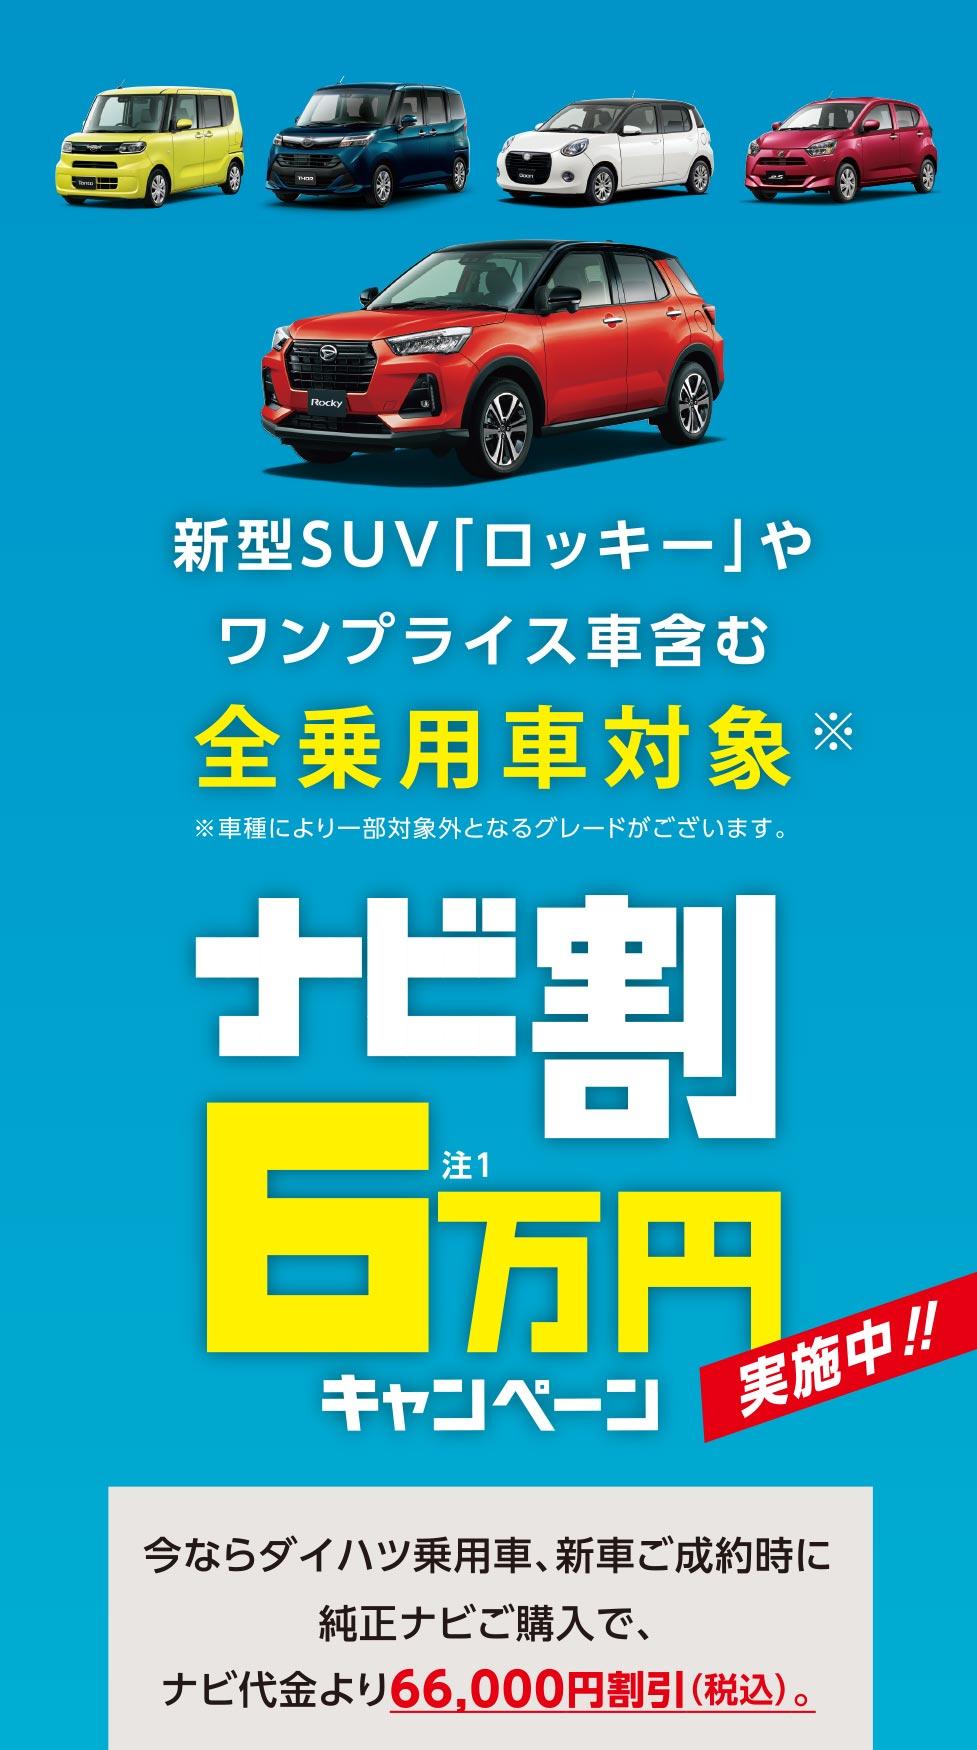 新型SUVロッキーもワンプライスシリーズも「ナビ割6万円」対象